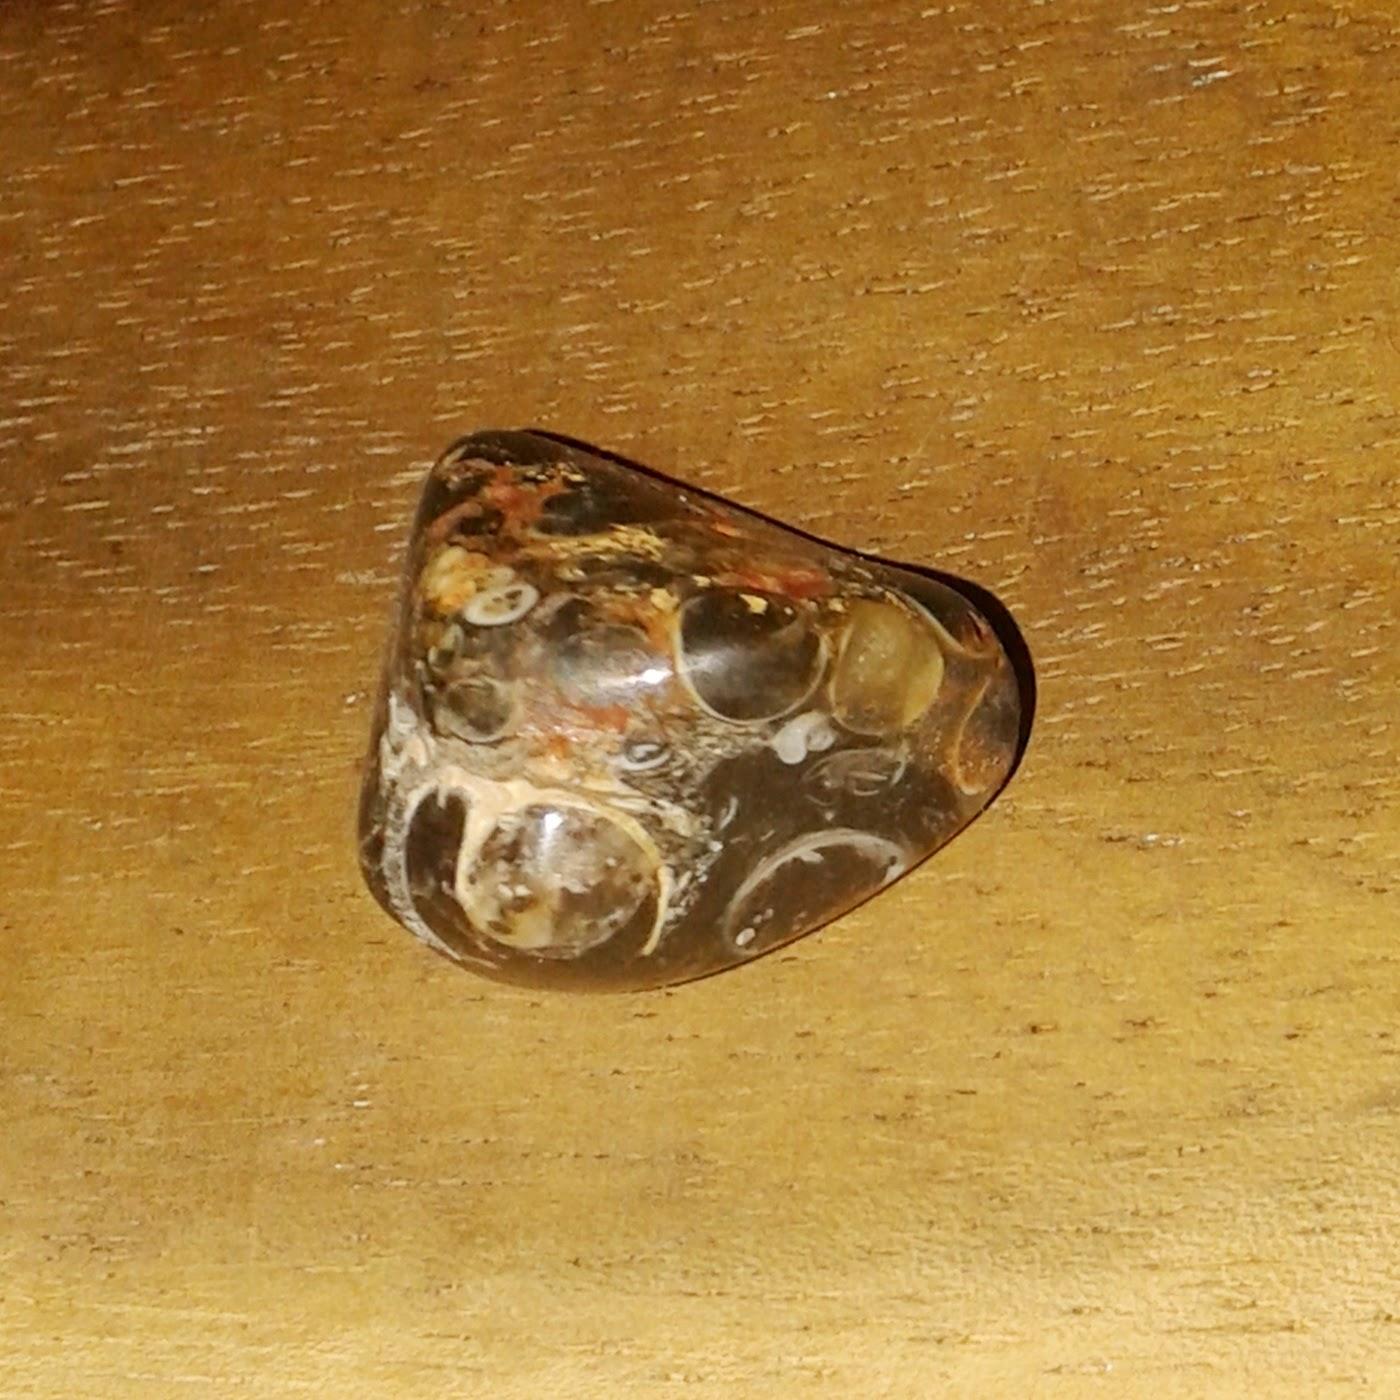 batu mustika sawa / mustika sanca ini memiliki unsur mustika pengasihan, mustika kewibawaan, mustika kerejekian, mustika pagar diri dan ghaib, mustika pemagaran , dan mustika kharomah jati serta kharomah diri